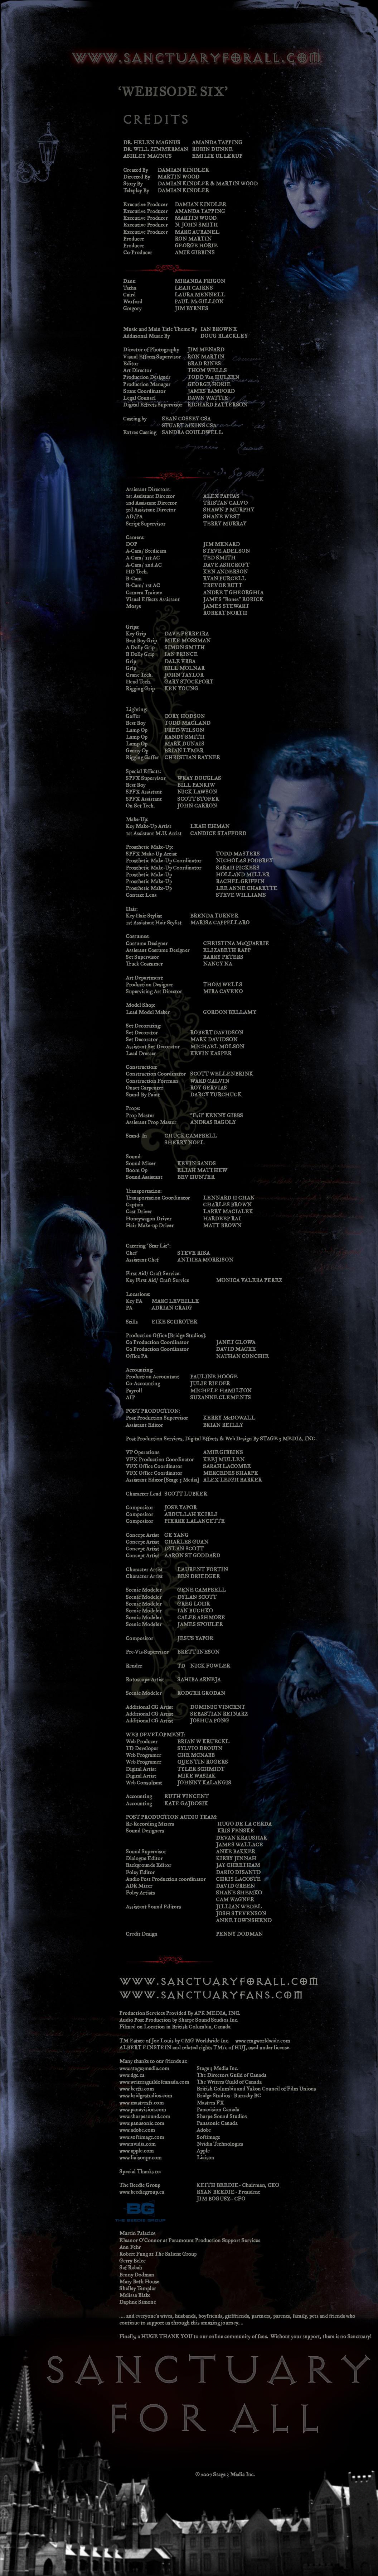 Webisode 6 (credits)